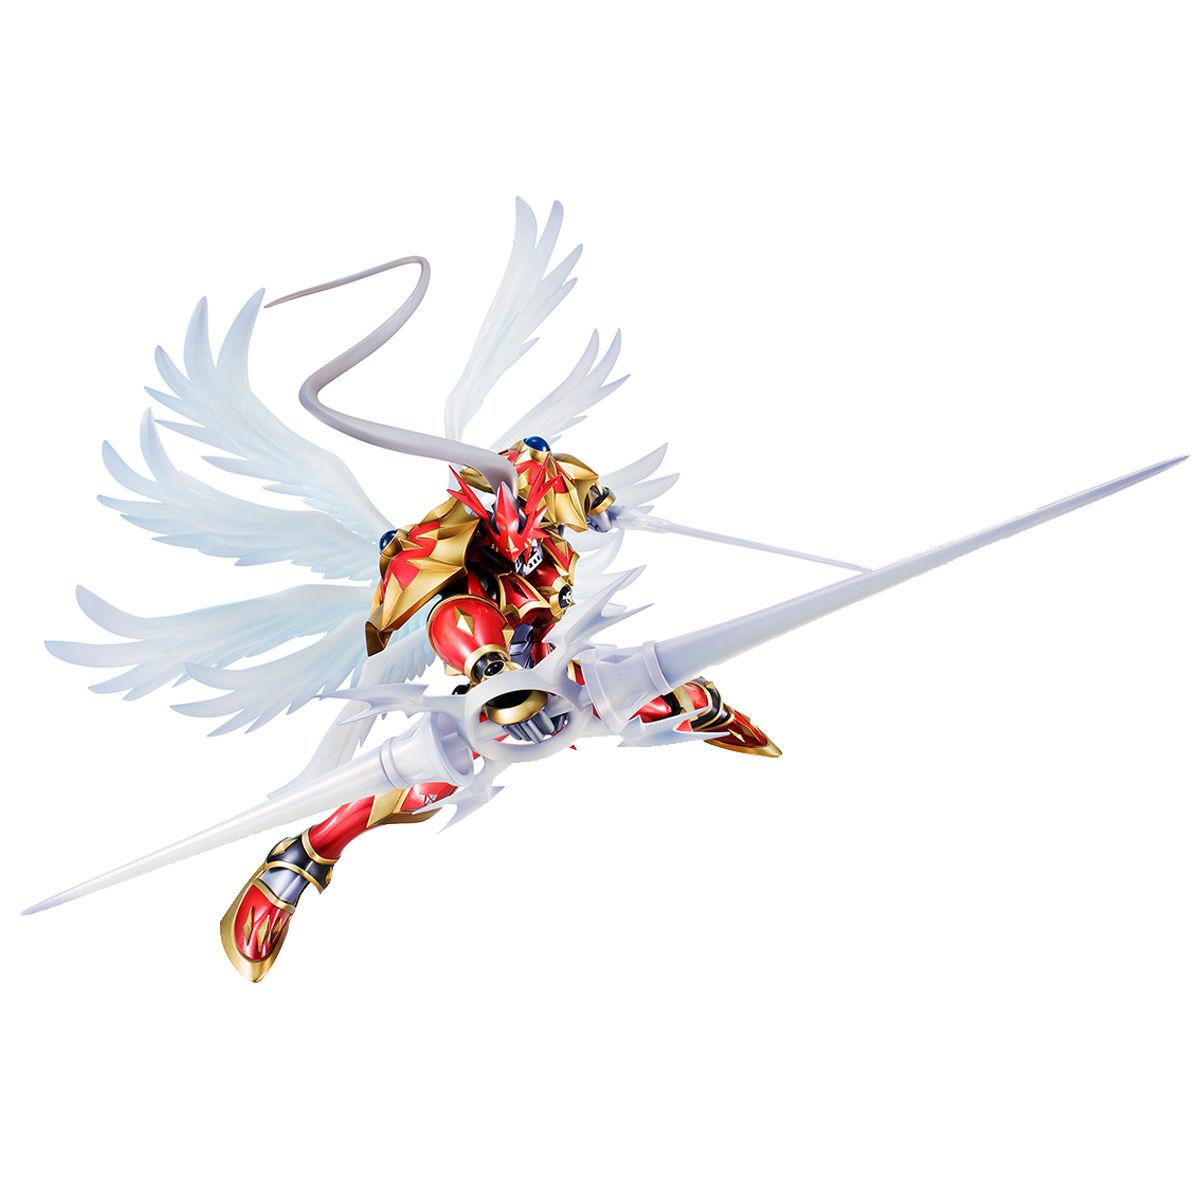 【限定販売】【再販】G.E.M.シリーズ『デュークモン:クリムゾンモード』デジモンテイマーズ 完成品フィギュア-002